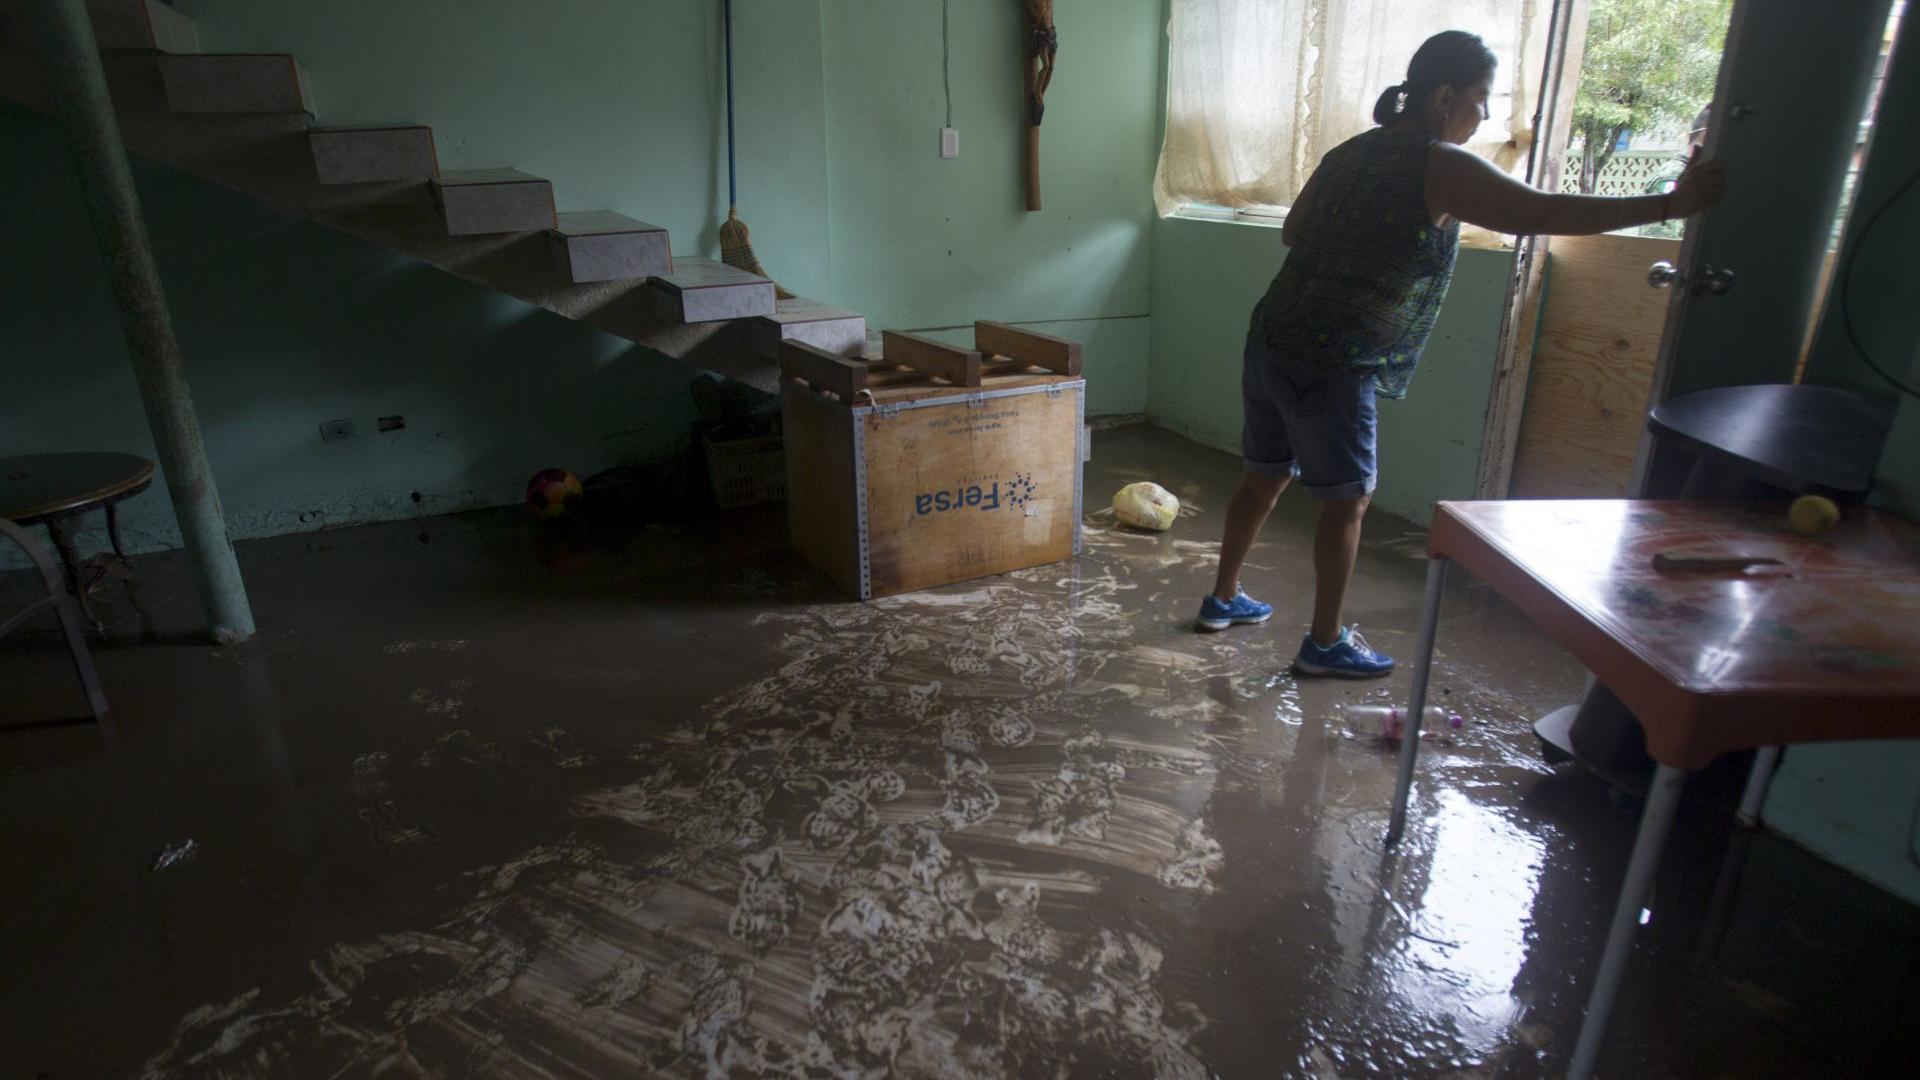 Debido a la cantidad de agua muchas viviendas presentaron inundaciones, por lo que las personas tuvieron que abrir us viviendas para poder sacar todo el liquido acumulado durante la tormenta.